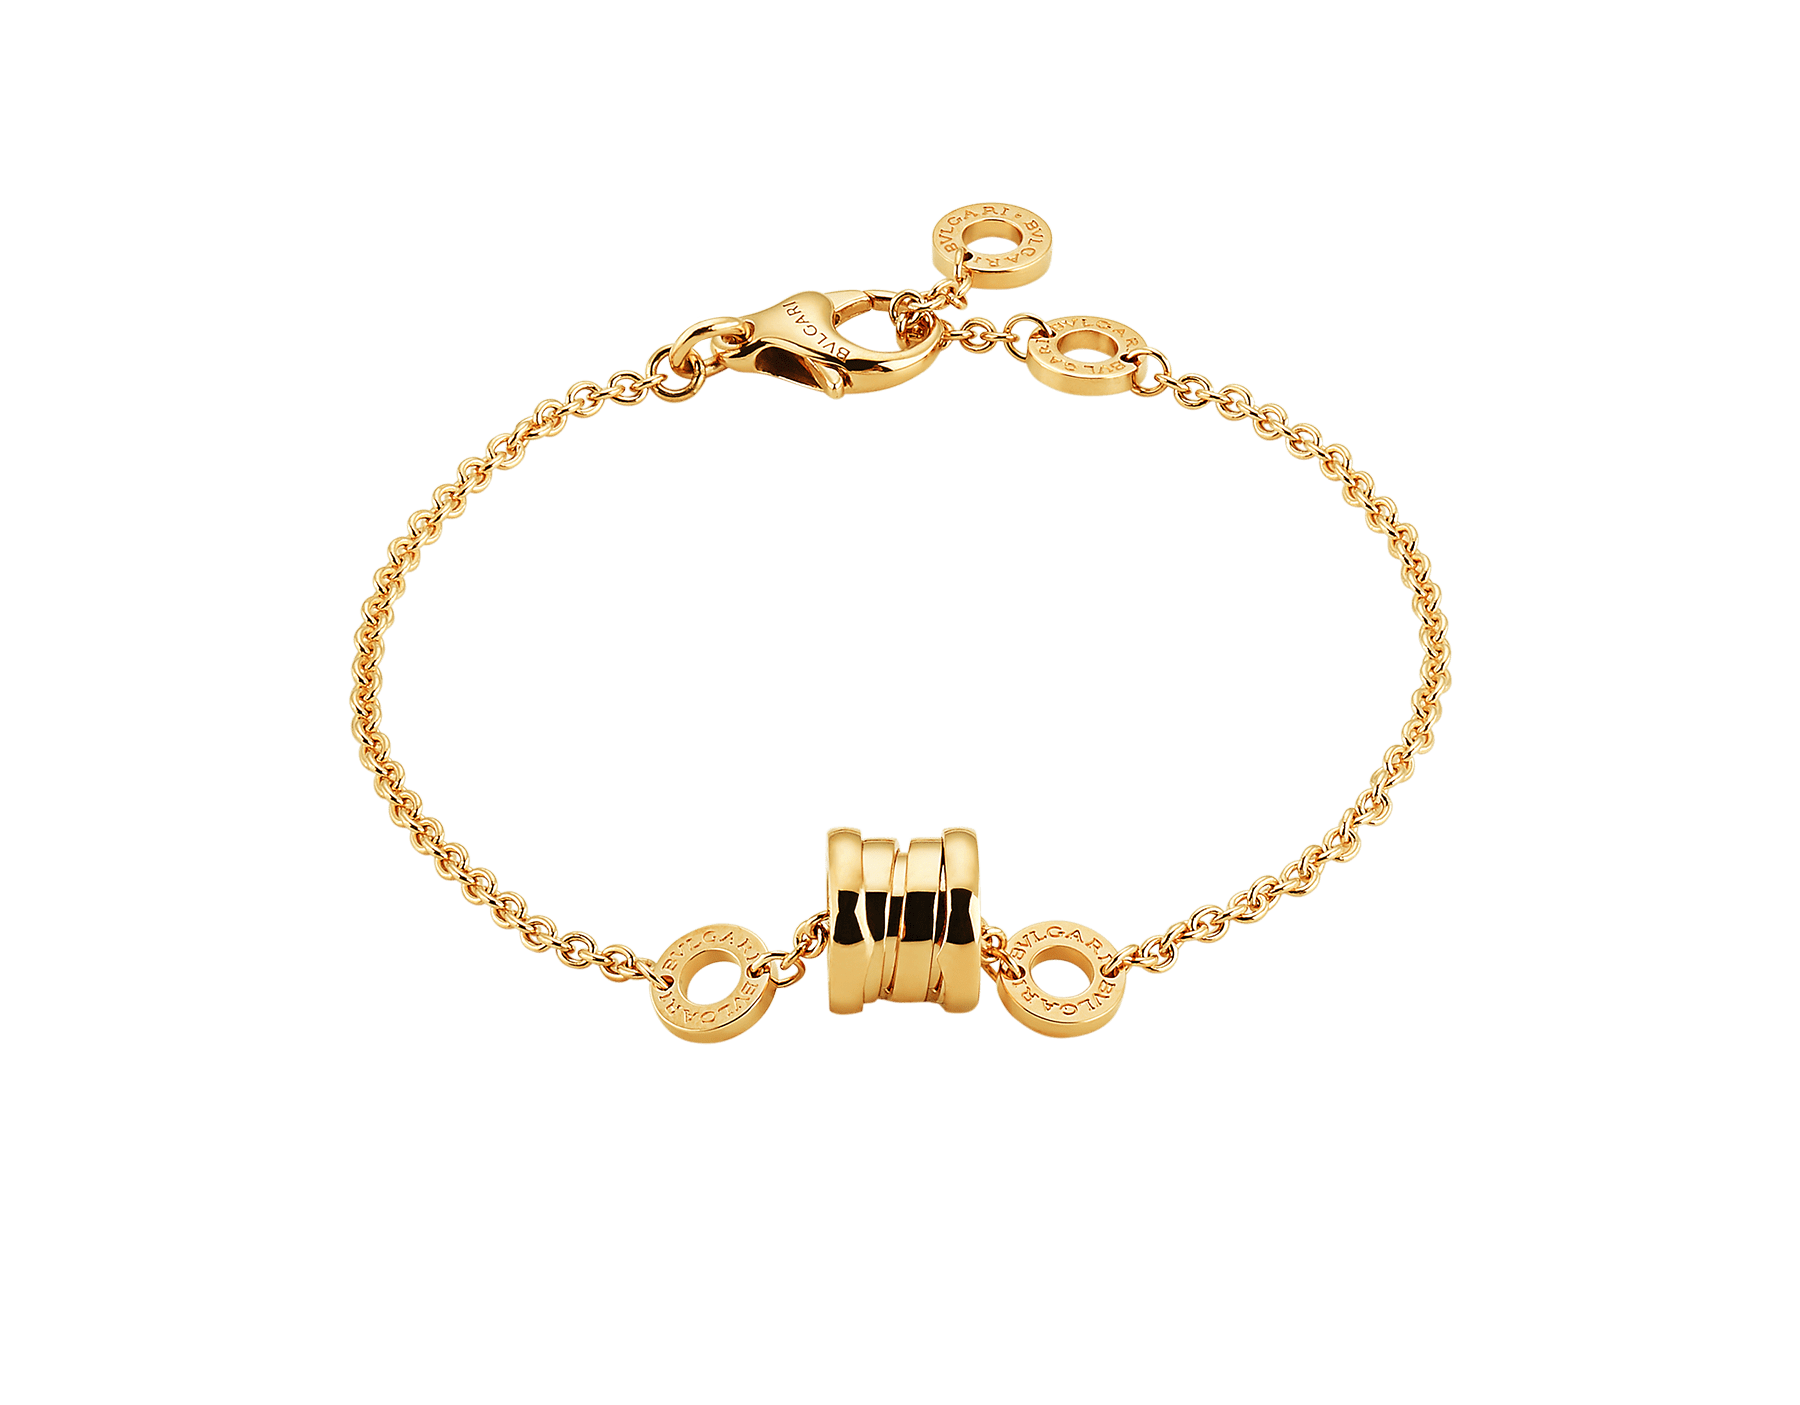 Weiches B.zero1 Armband aus 18 Karat Gelbgold. BR853667 image 1